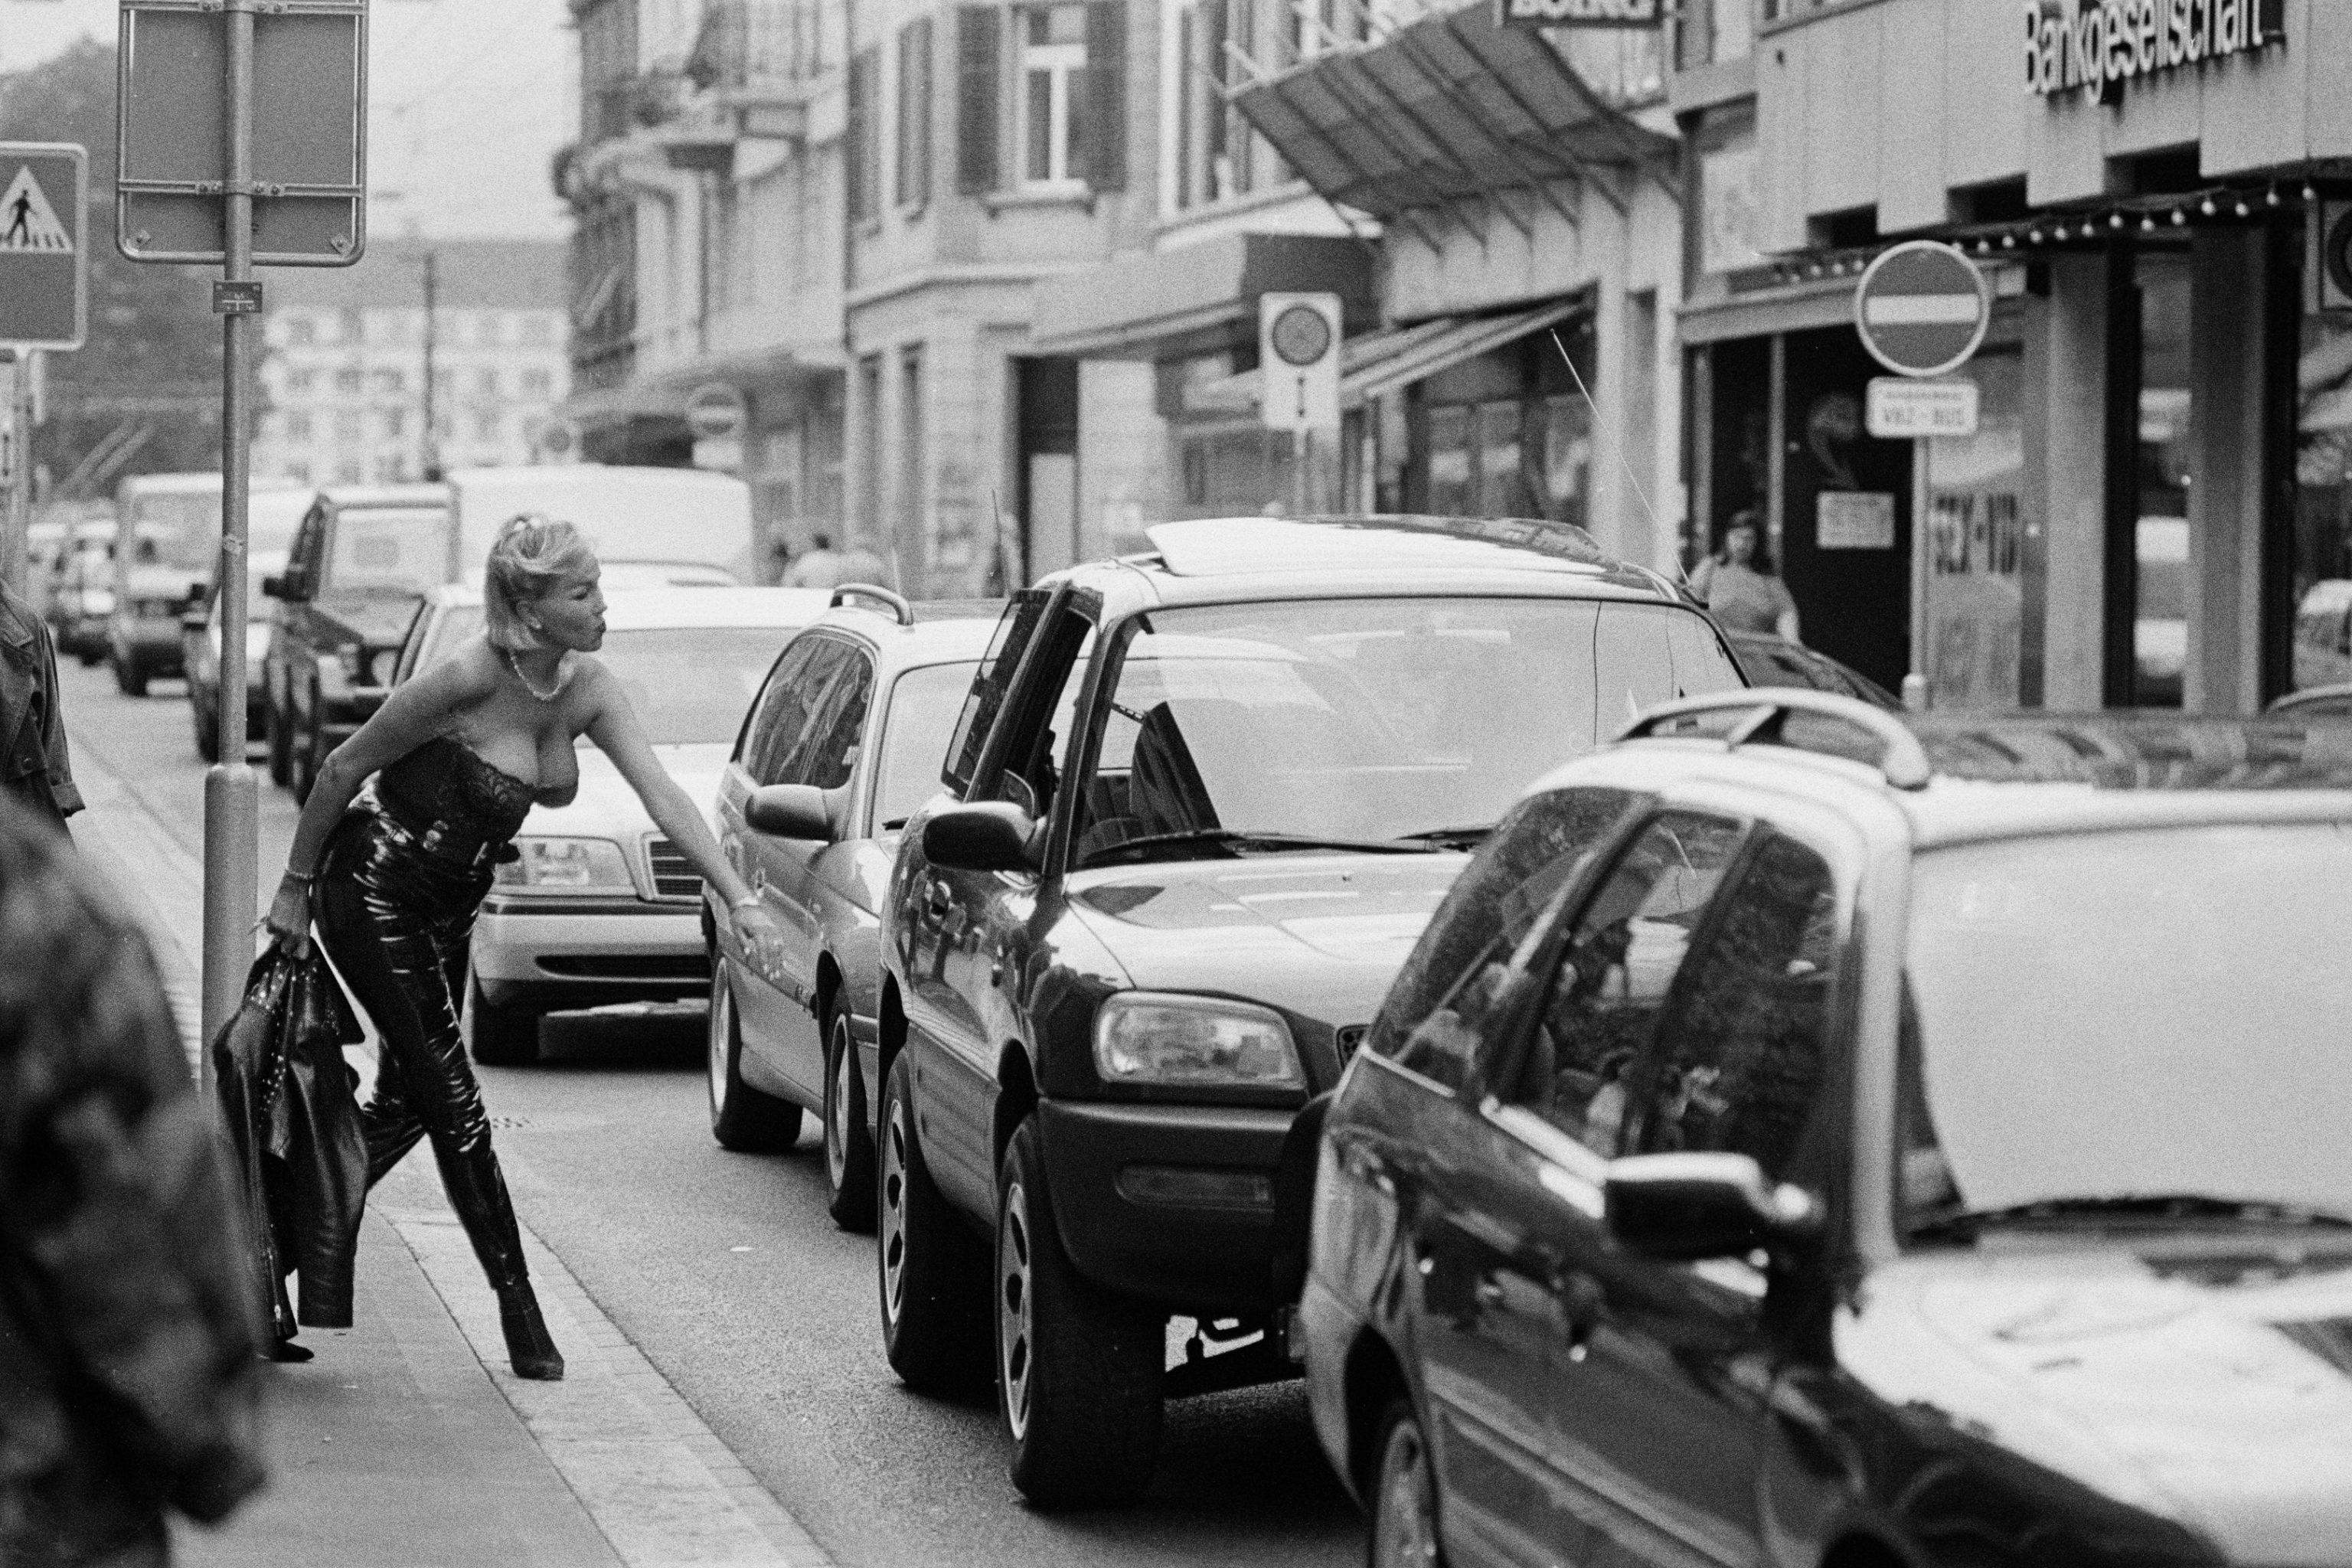 """Lulu aus dem Fotobuch """"Mensch Langstrasse"""" von Ursula Markus."""